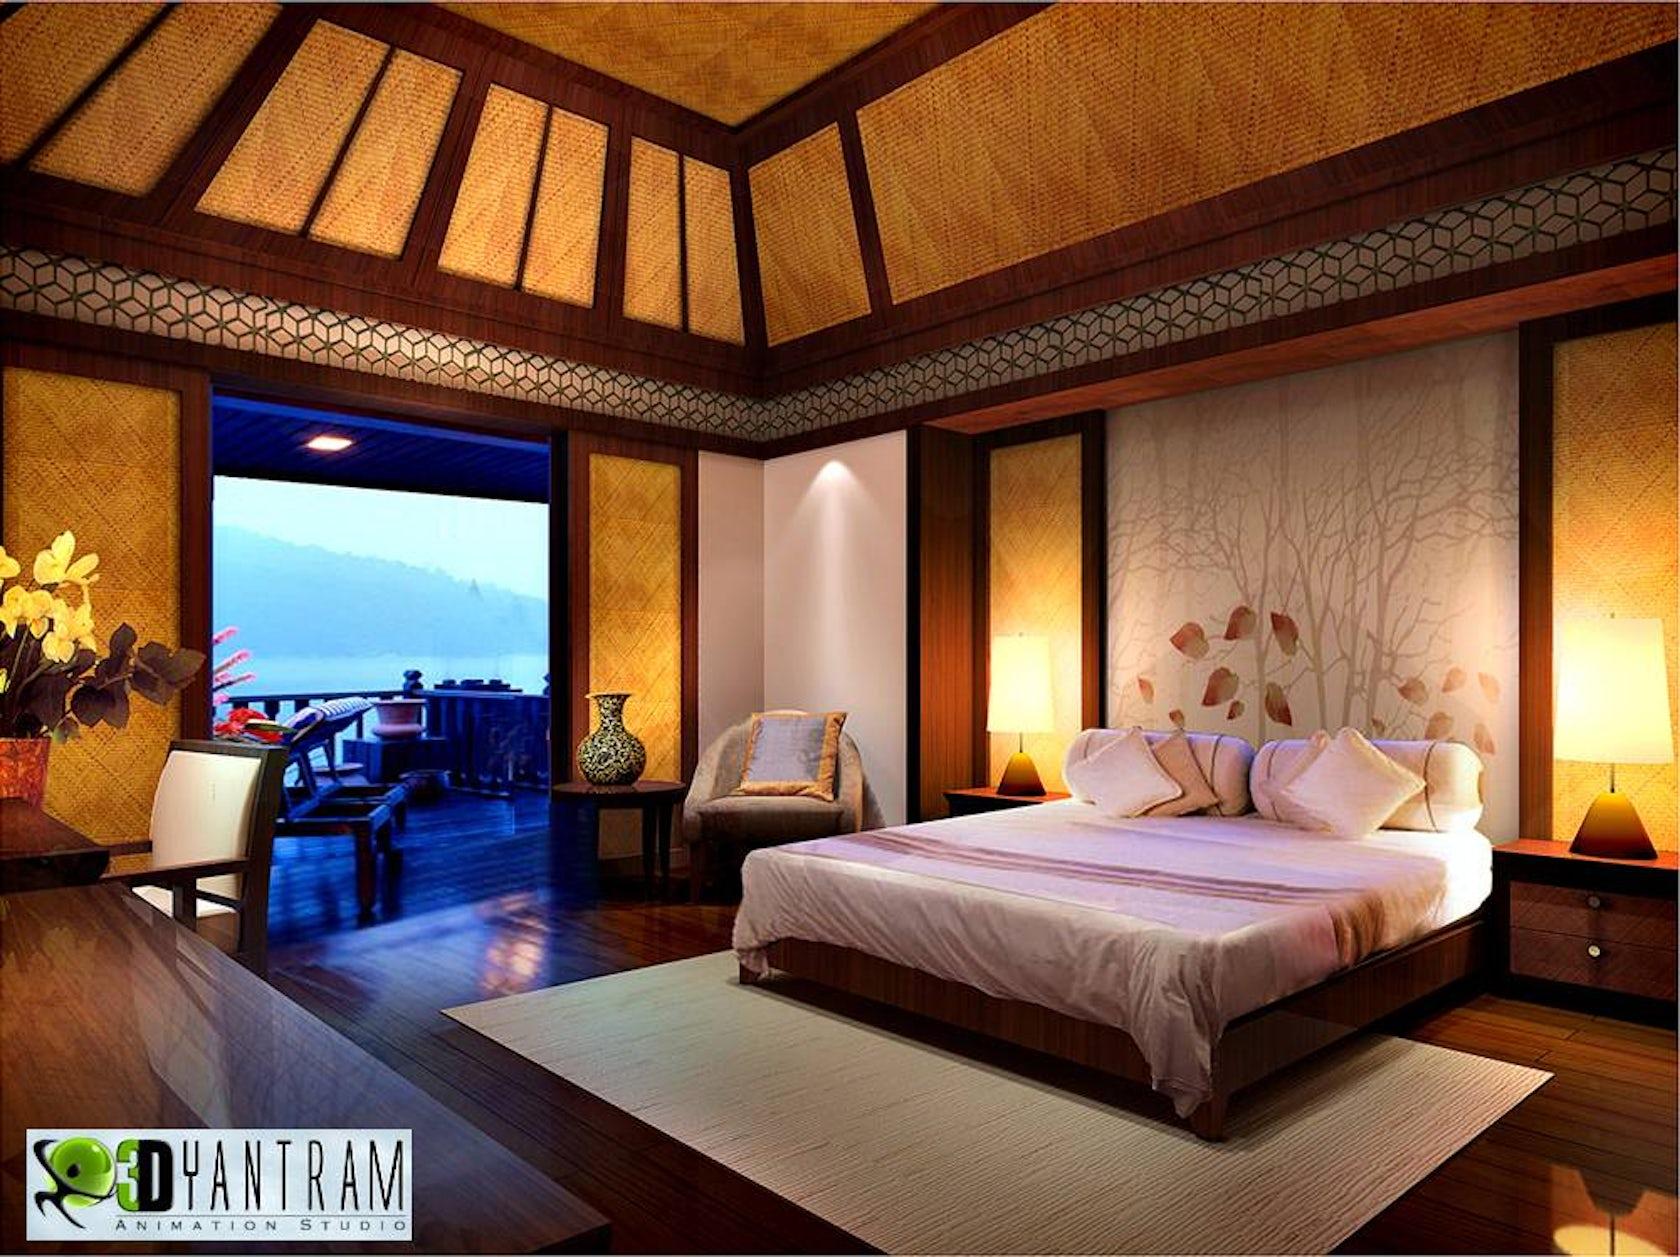 Renders 3d For Master Bedroom Project: Bedroom Interior Design